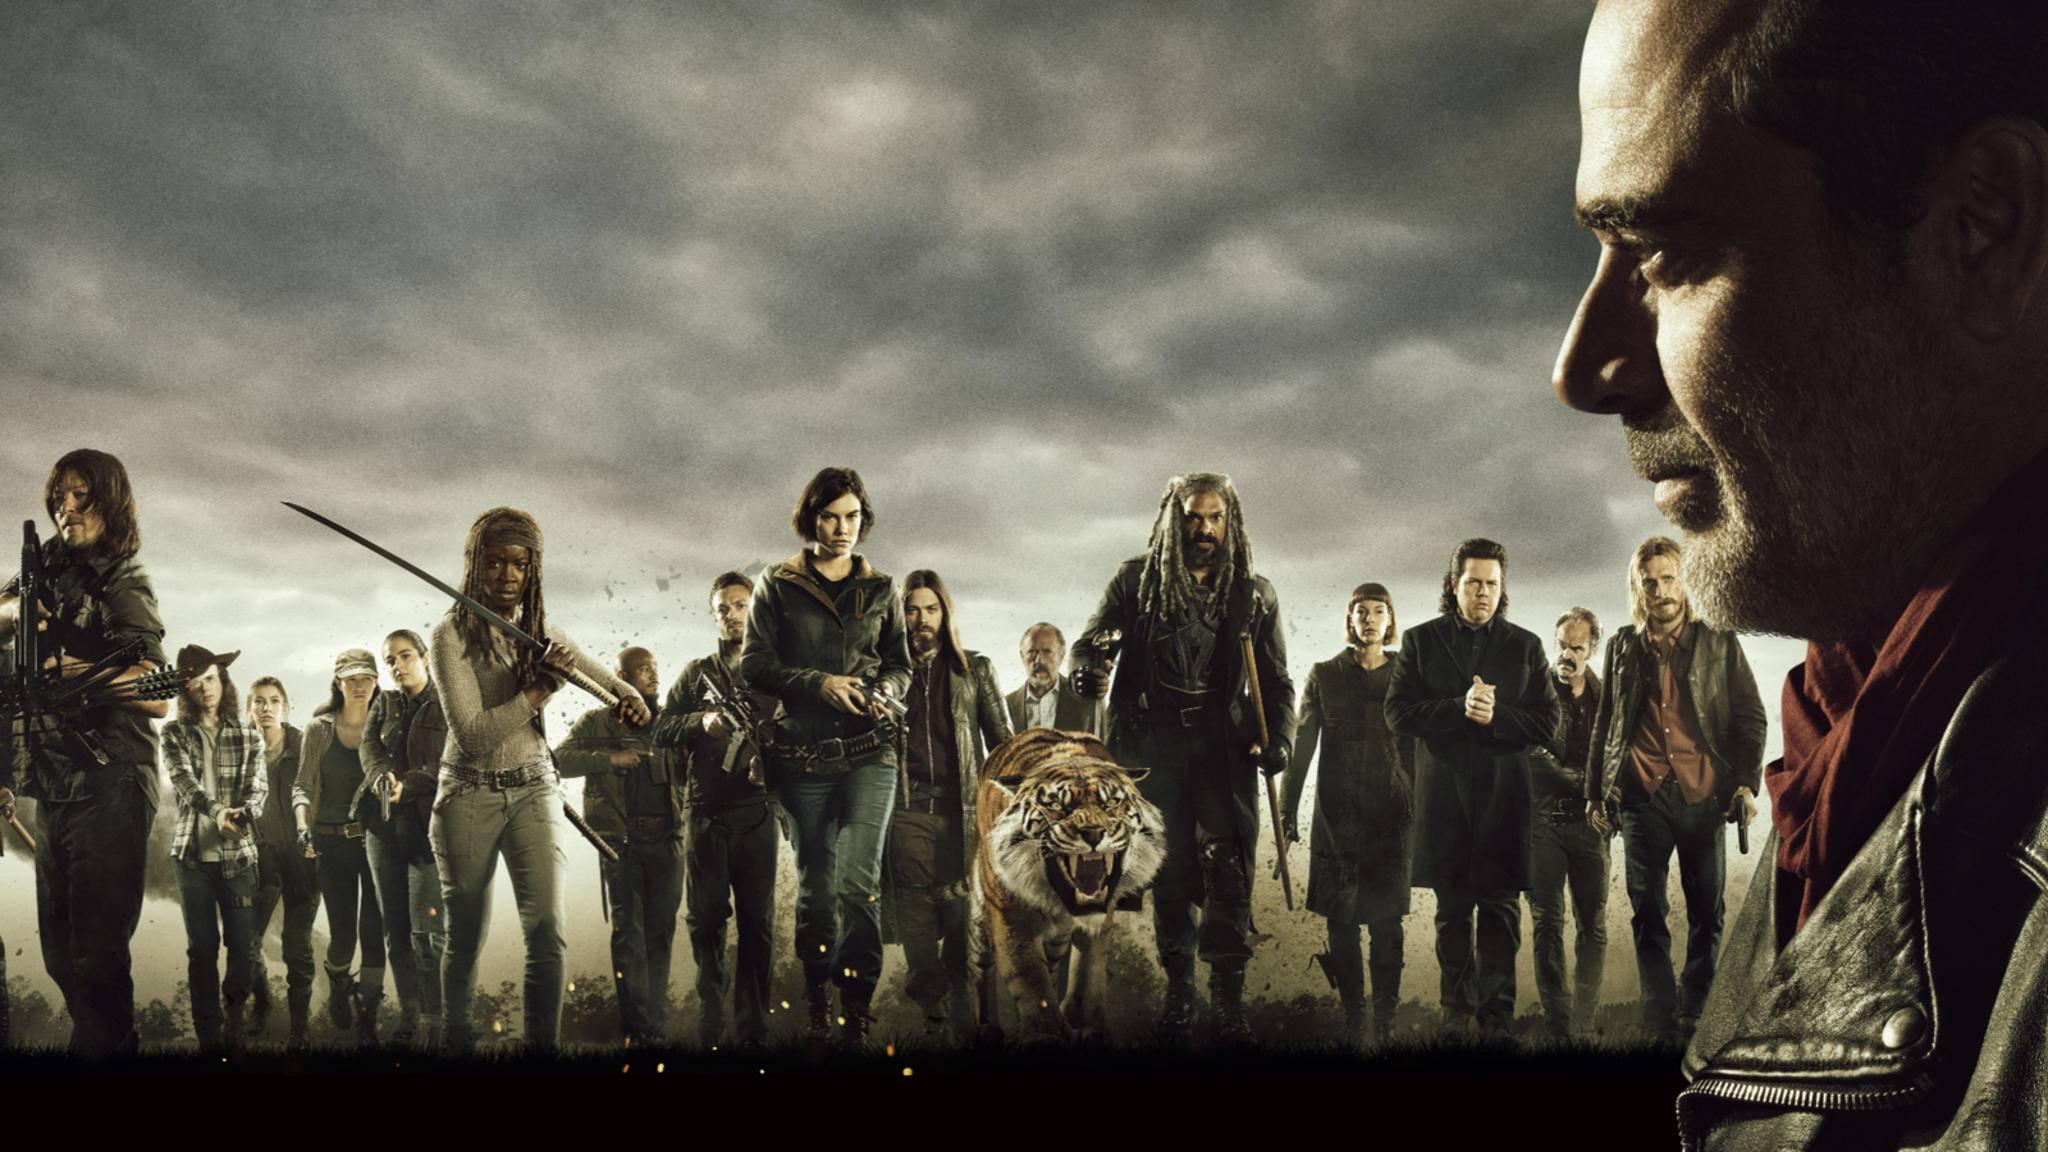 Der All-out-War zwischen Negan und den vereinten Communities steht bevor.